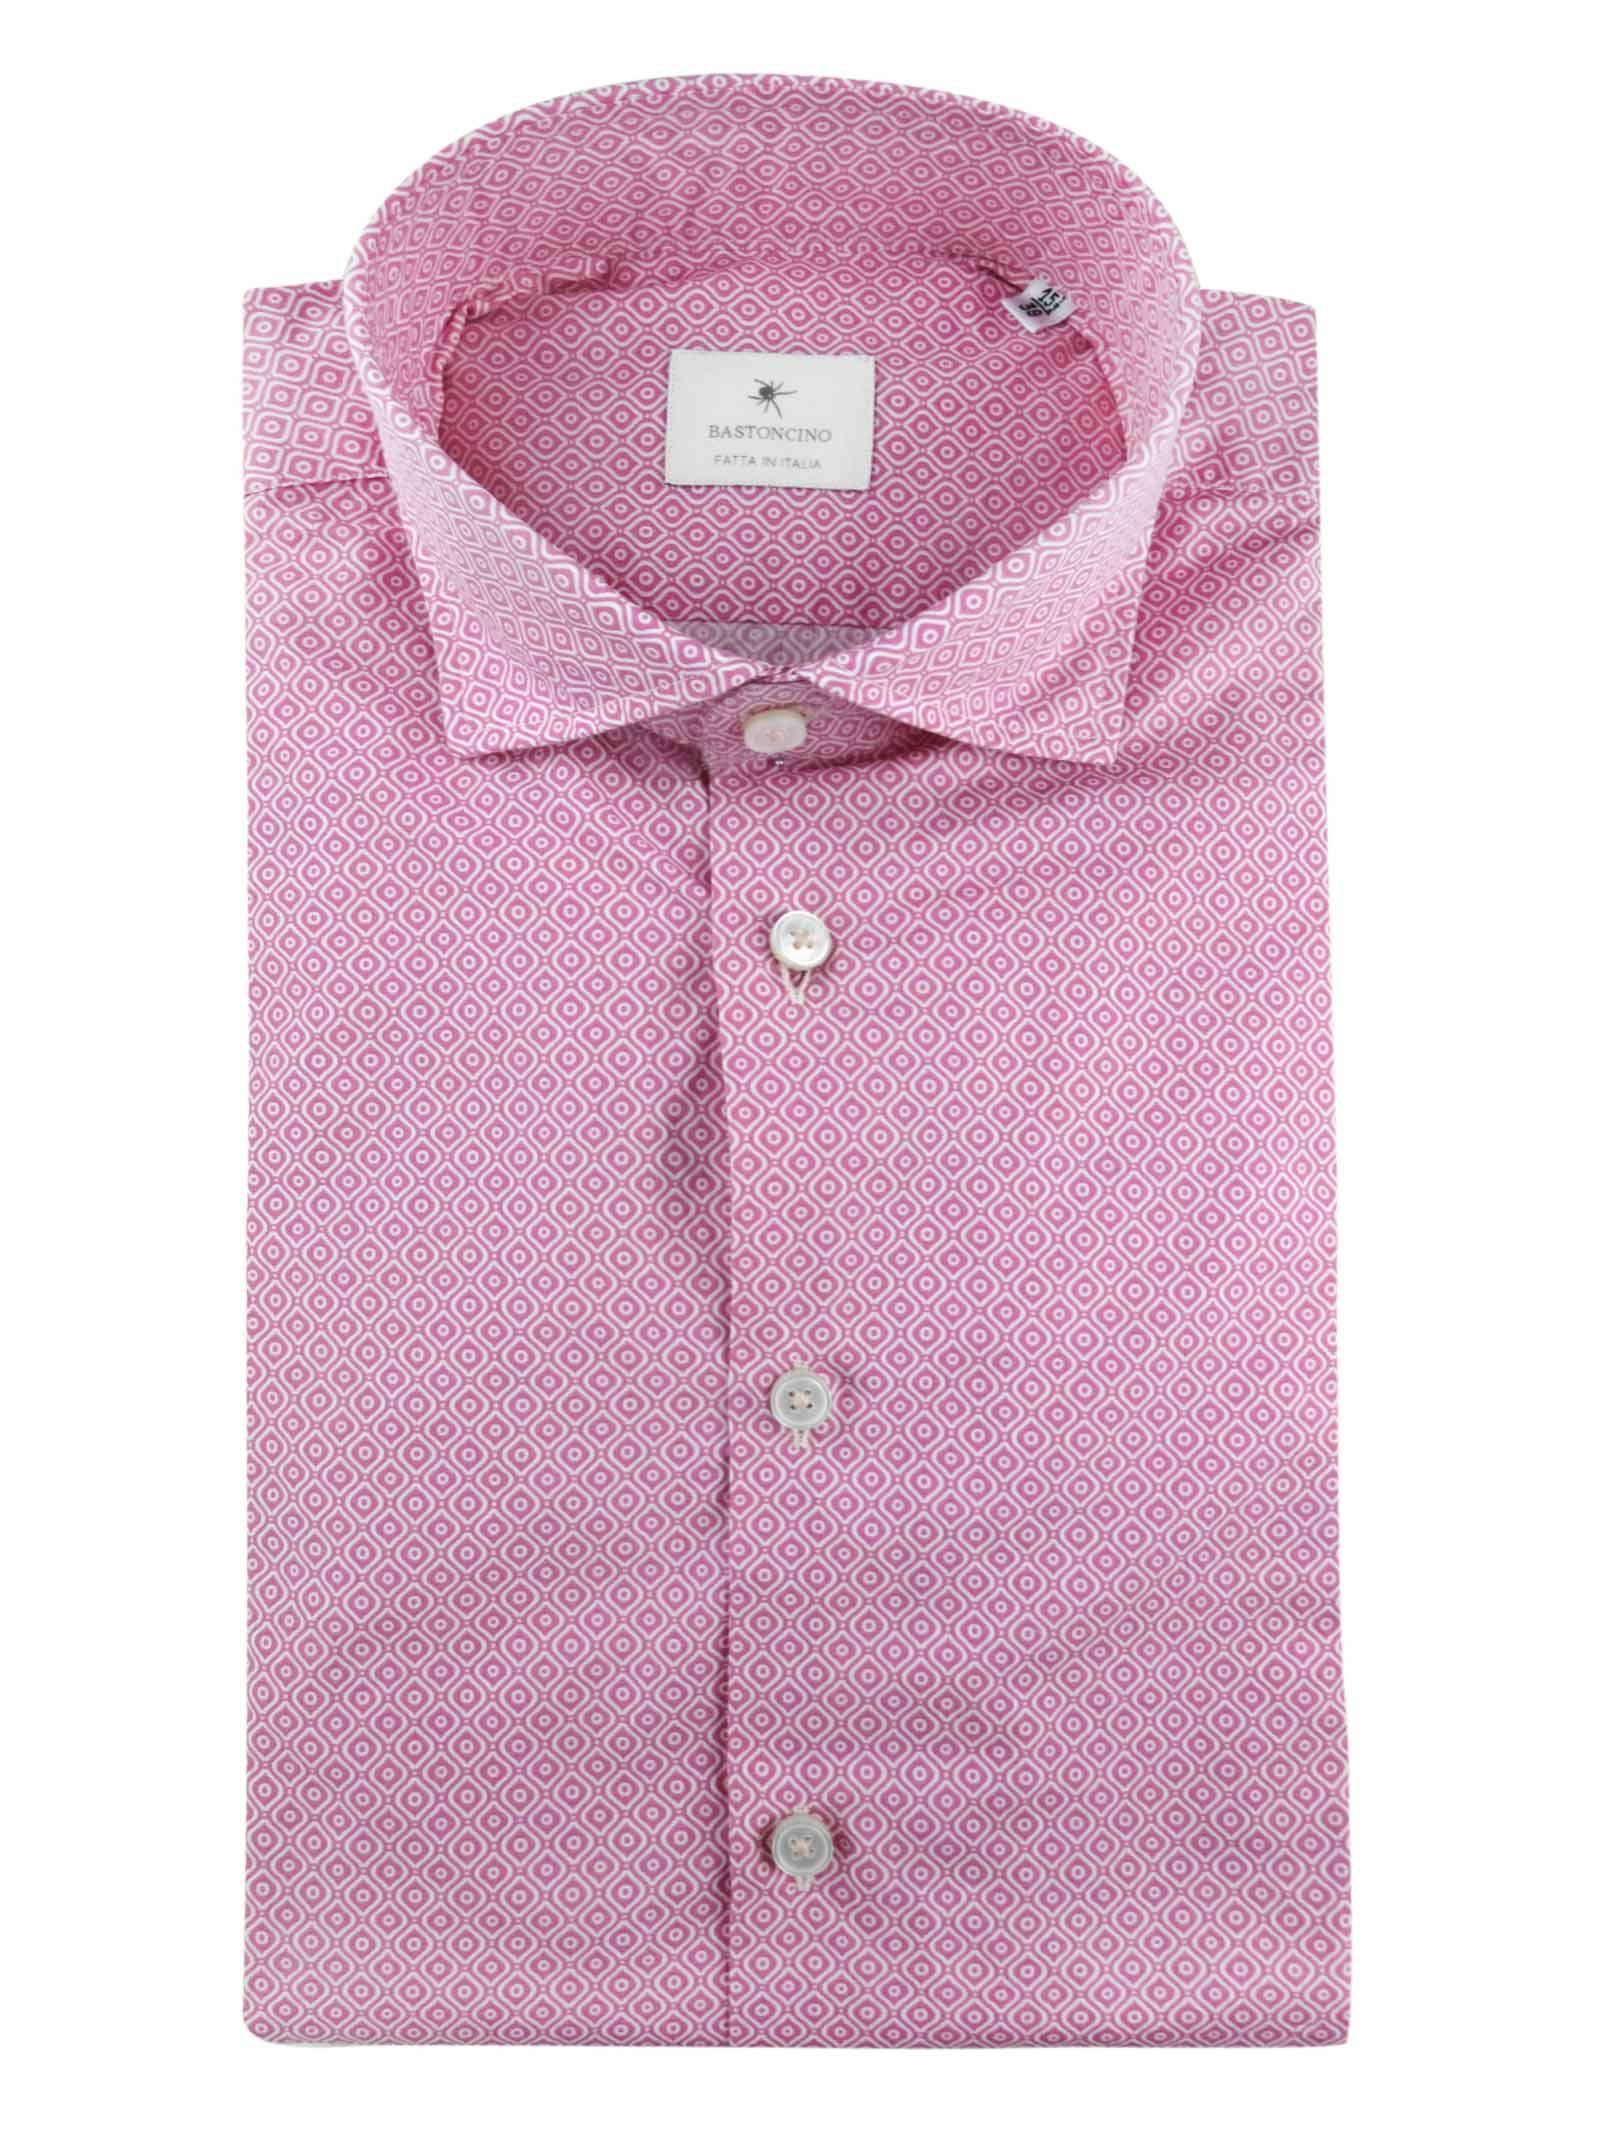 Casual shirt BASTONCINO | Shirts | SIMO1887 01